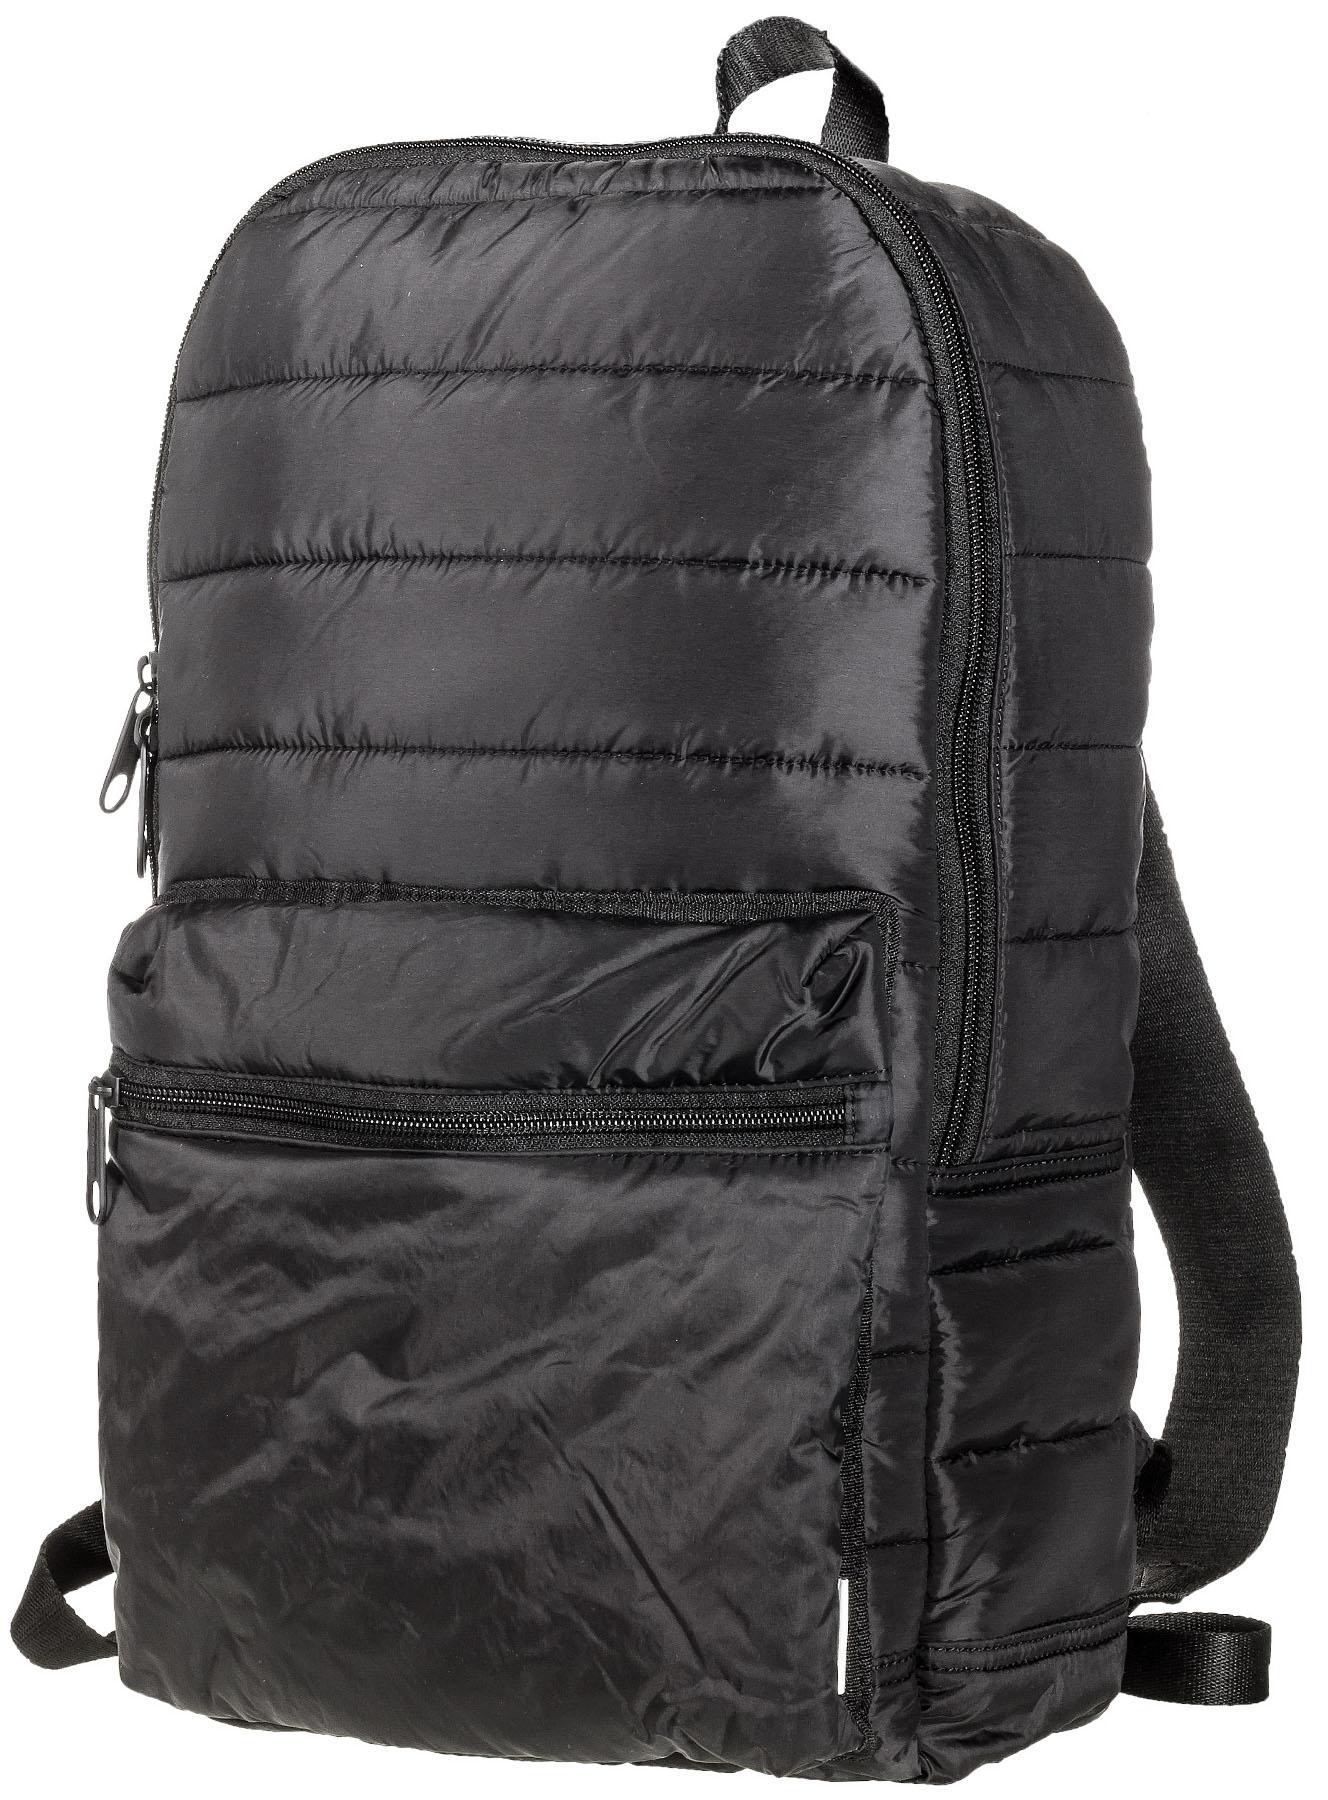 Рюкзак Converse Packable Backpack, цвет: черный. 100013310013-47670-00504Рюкзак Converse Packable Backpack выполнен из стеганого текстиля. Модель с одним отделением. Спереди объемный карман на молнии. У рюкзака регулируемые по длине плечевые лямки и петля для подвешивания.